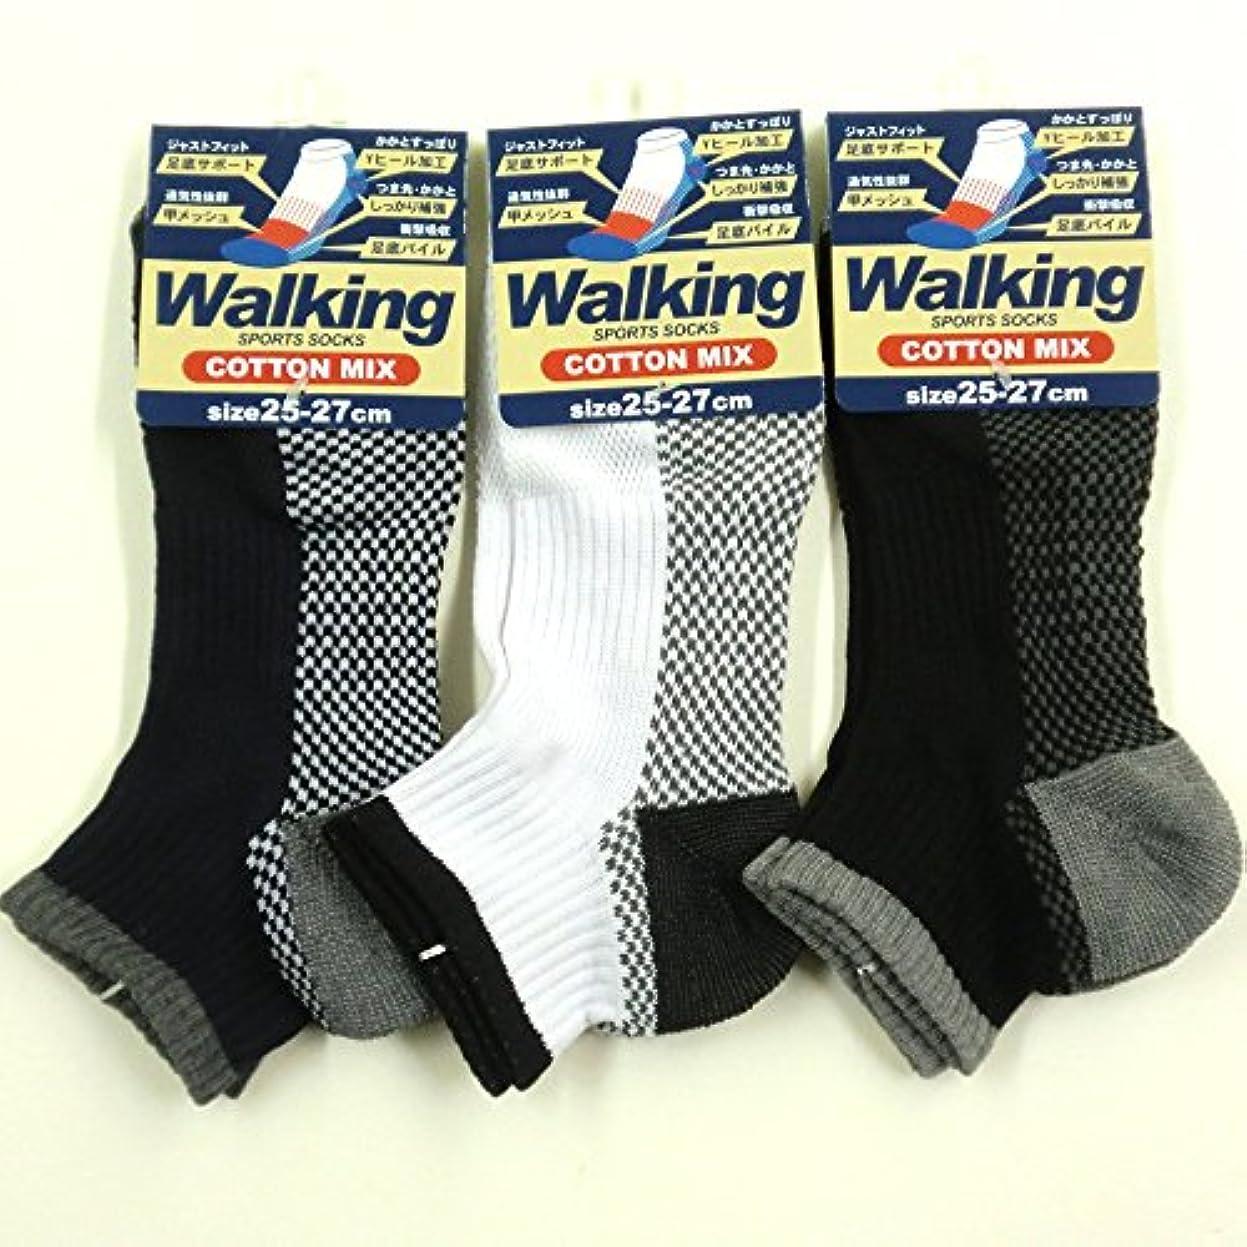 大騒ぎ処理スクラップスニーカー ソックス メンズ ウォーキング 靴下 綿混 足底パイル 25-27cm 3足セット